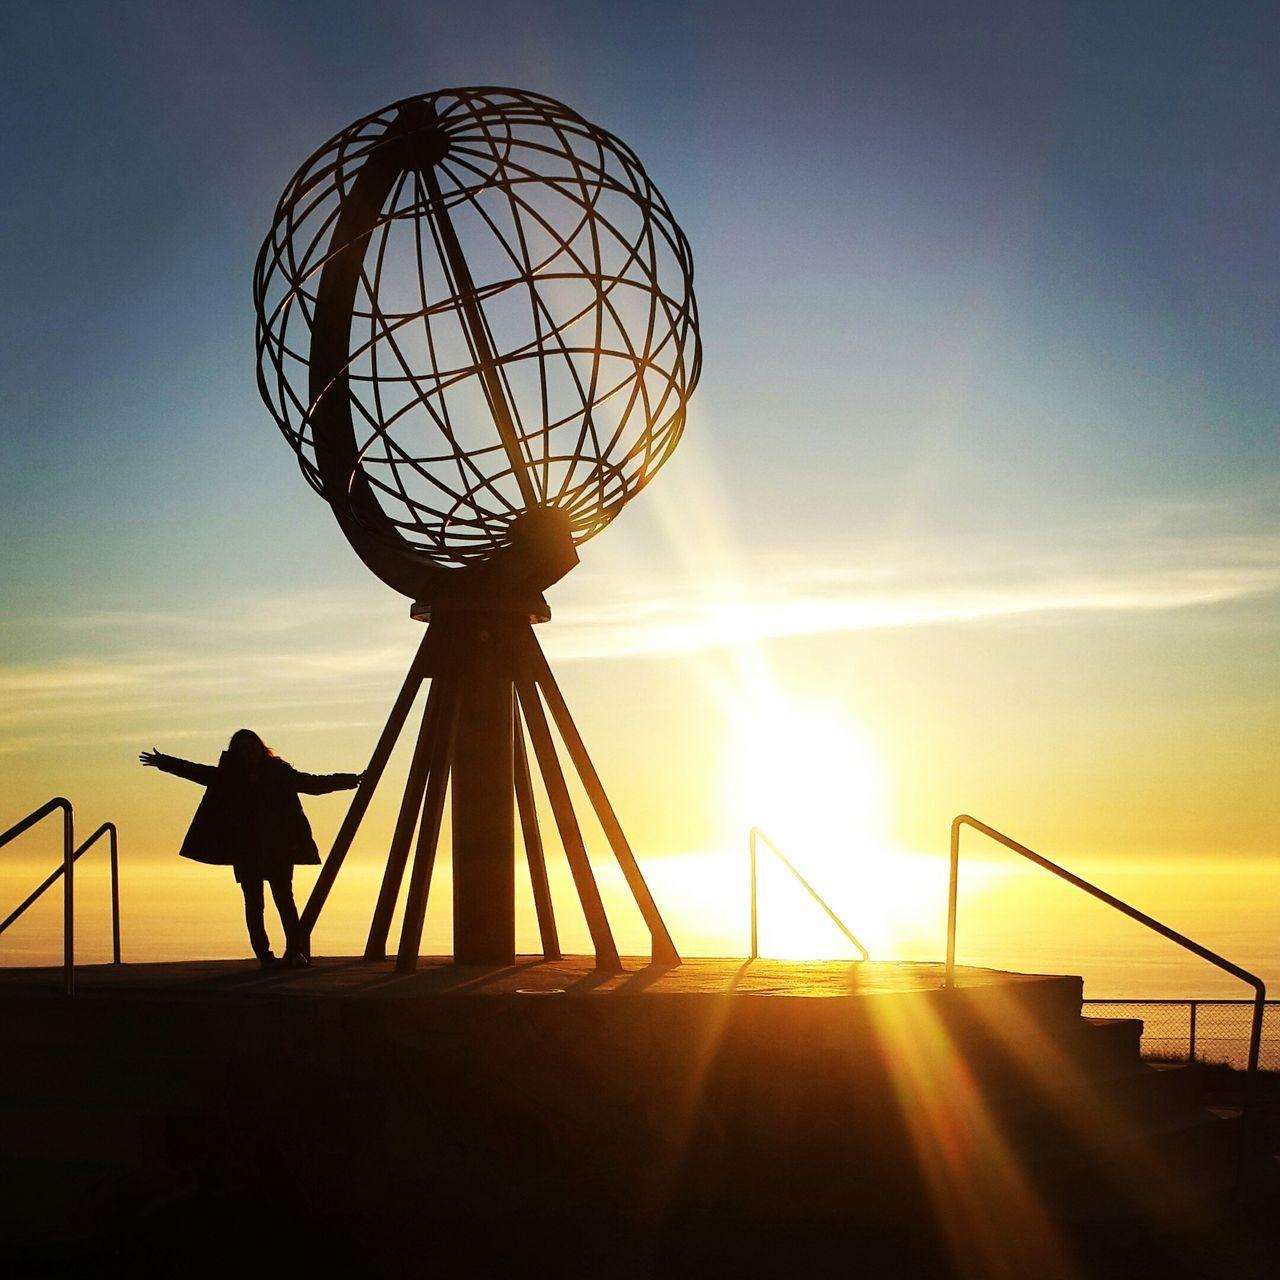 Midnight Sun Midnightsun Nordkapp Norway Colour Of Life